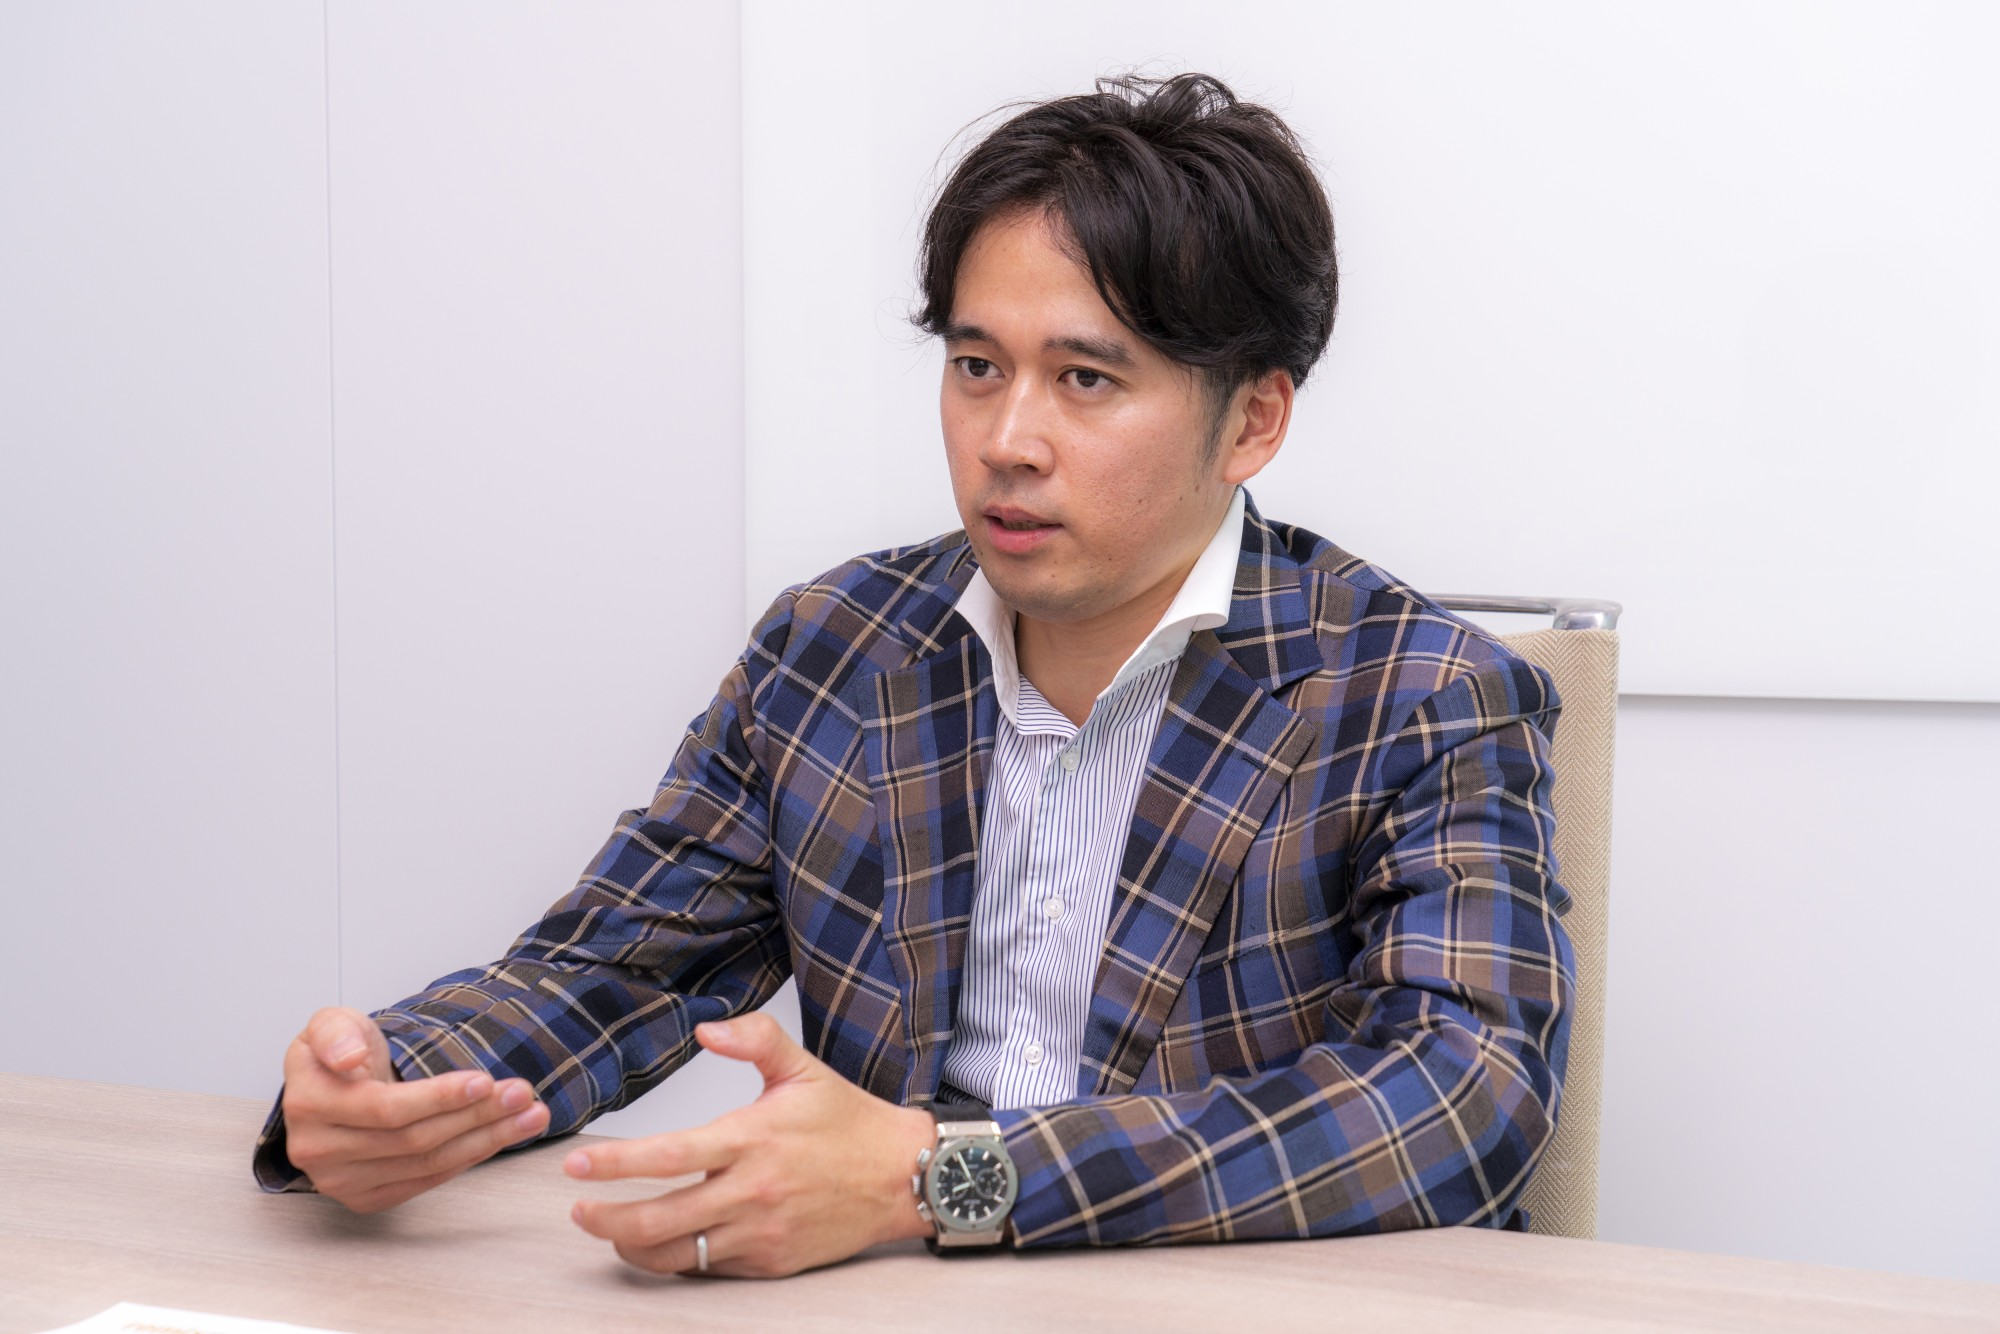 株式会社リミックスポイント 代表取締役会長CEO 小田玄紀 インタビュー 画像2